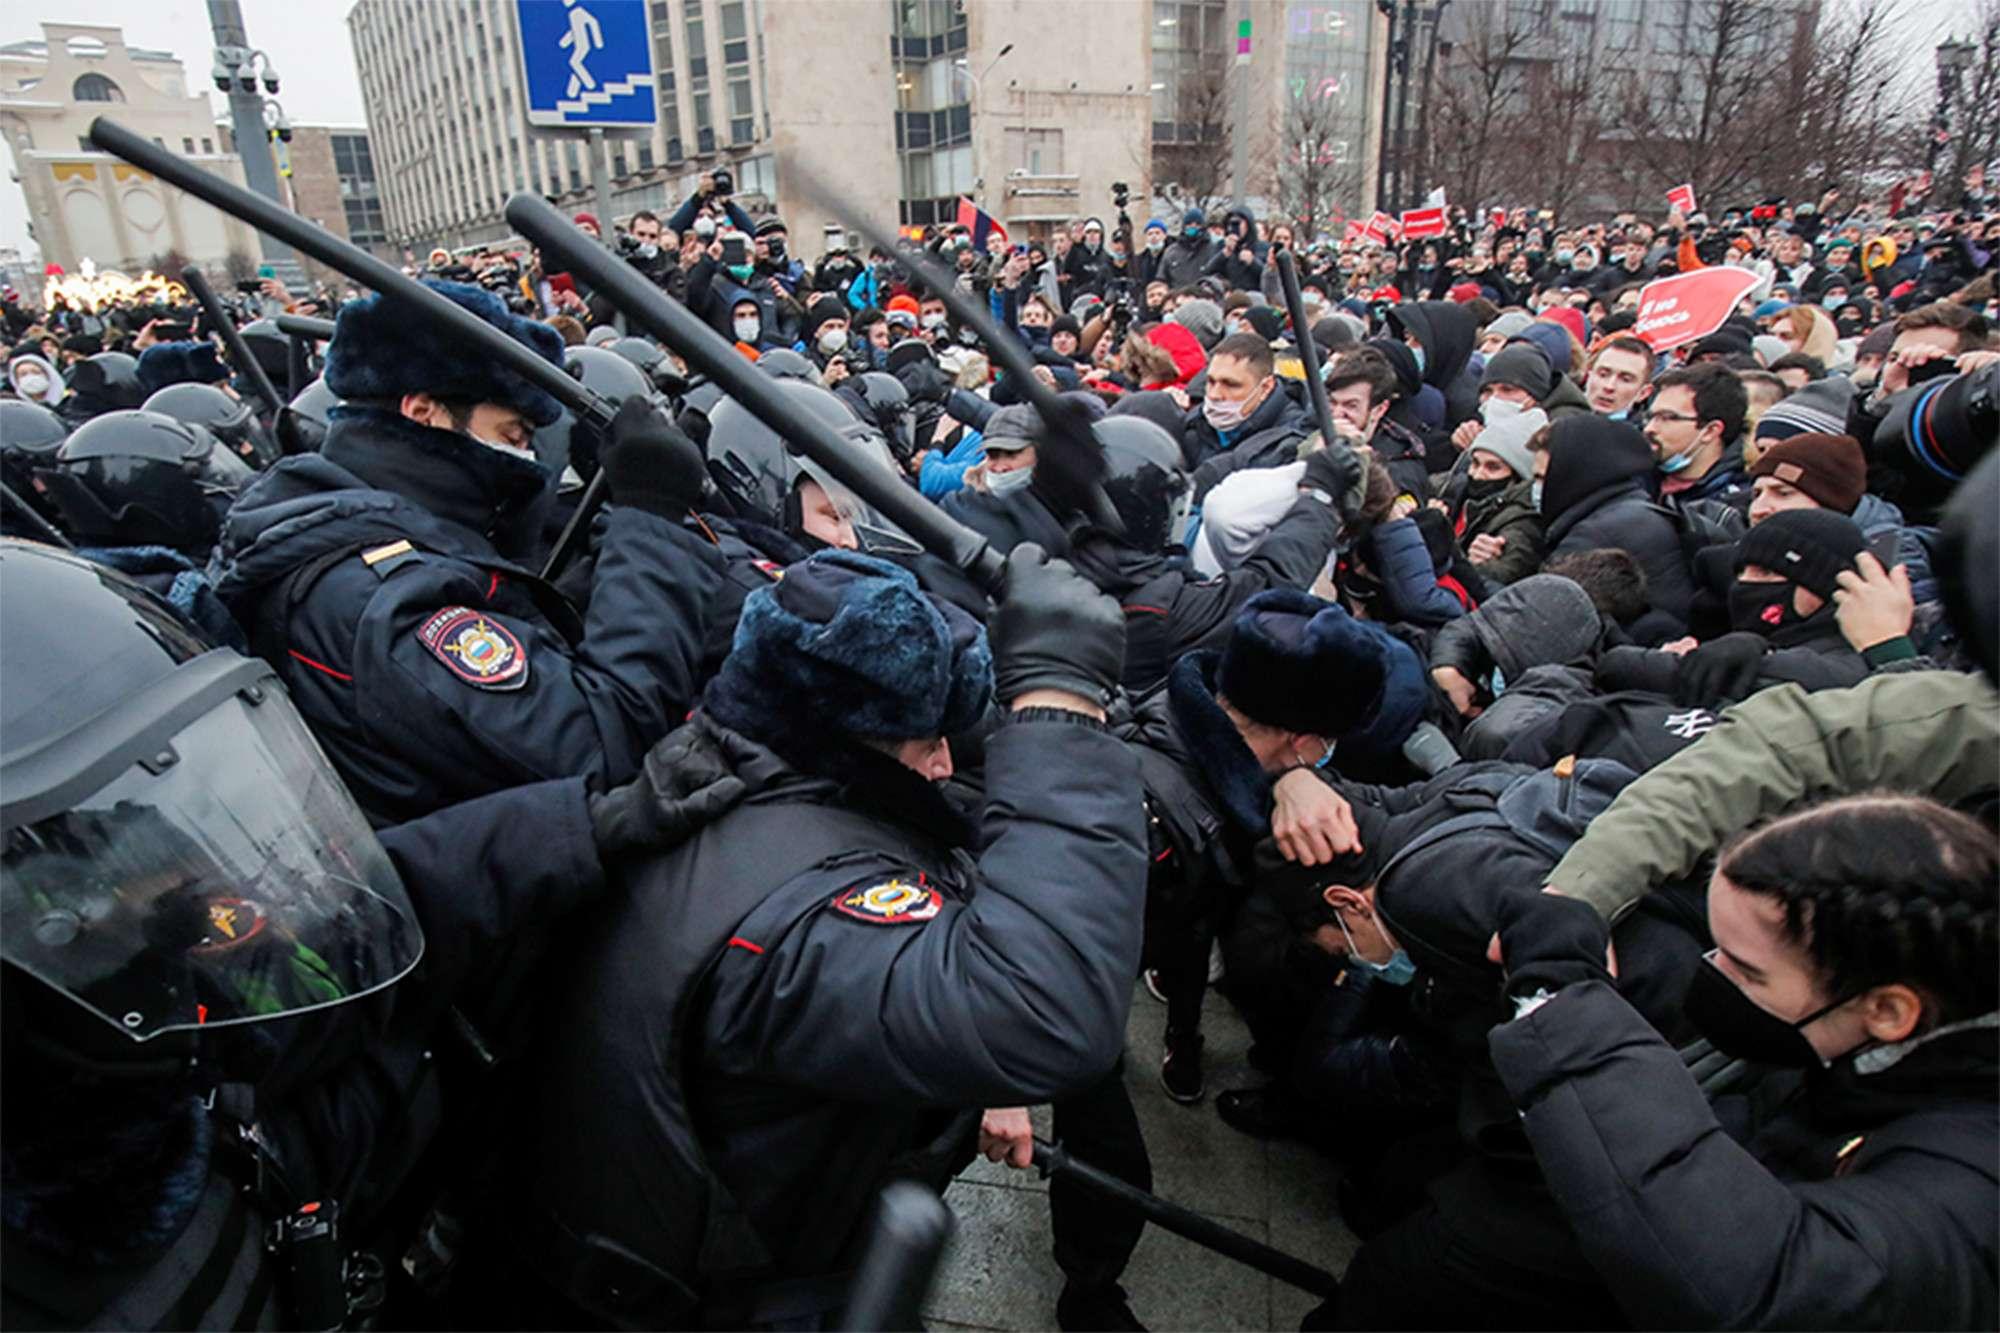 δυνάμεις απέκλεισαν τα γραφεία του ΚΚΡΟ στη Μόσχα